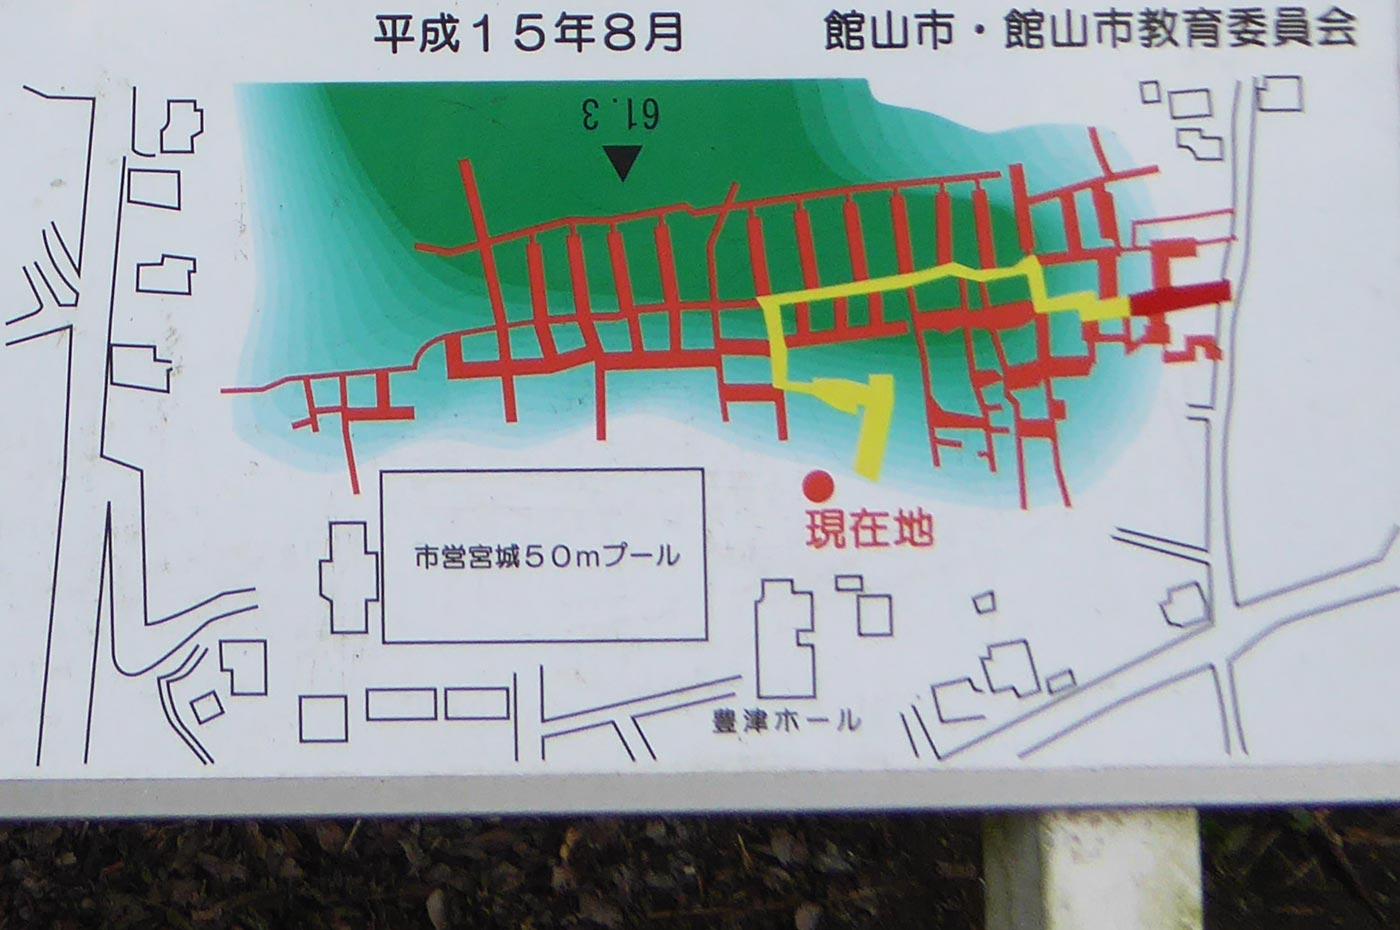 赤山地下壕の案内板の画像